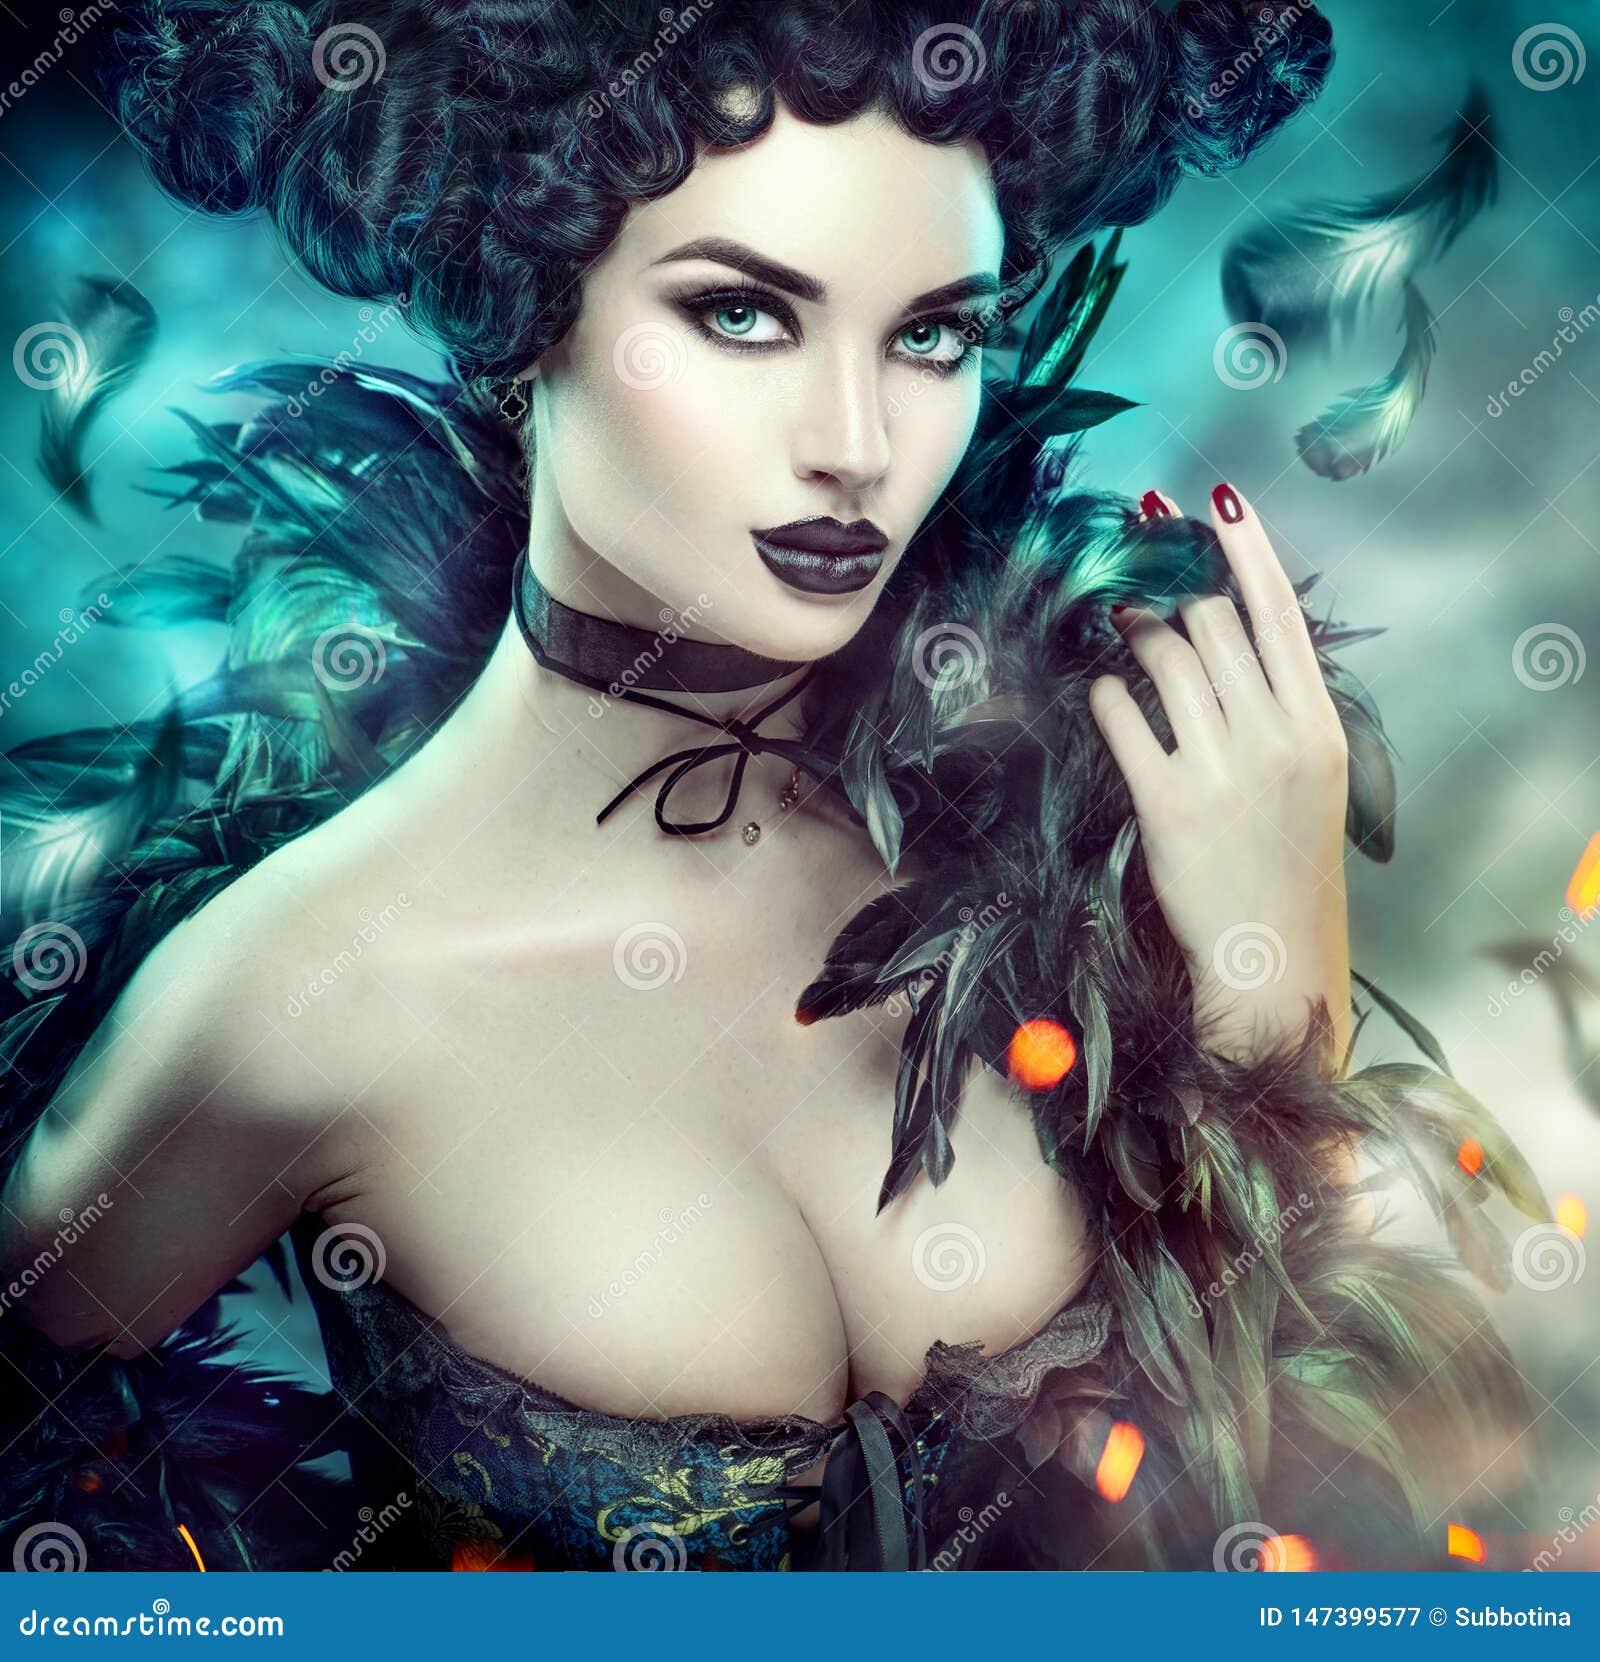 Gocka seksowna młoda kobieta halloween Piękna wzorcowa dziewczyna z fantazji makeup w goth kostiumu z czarnymi piórkami